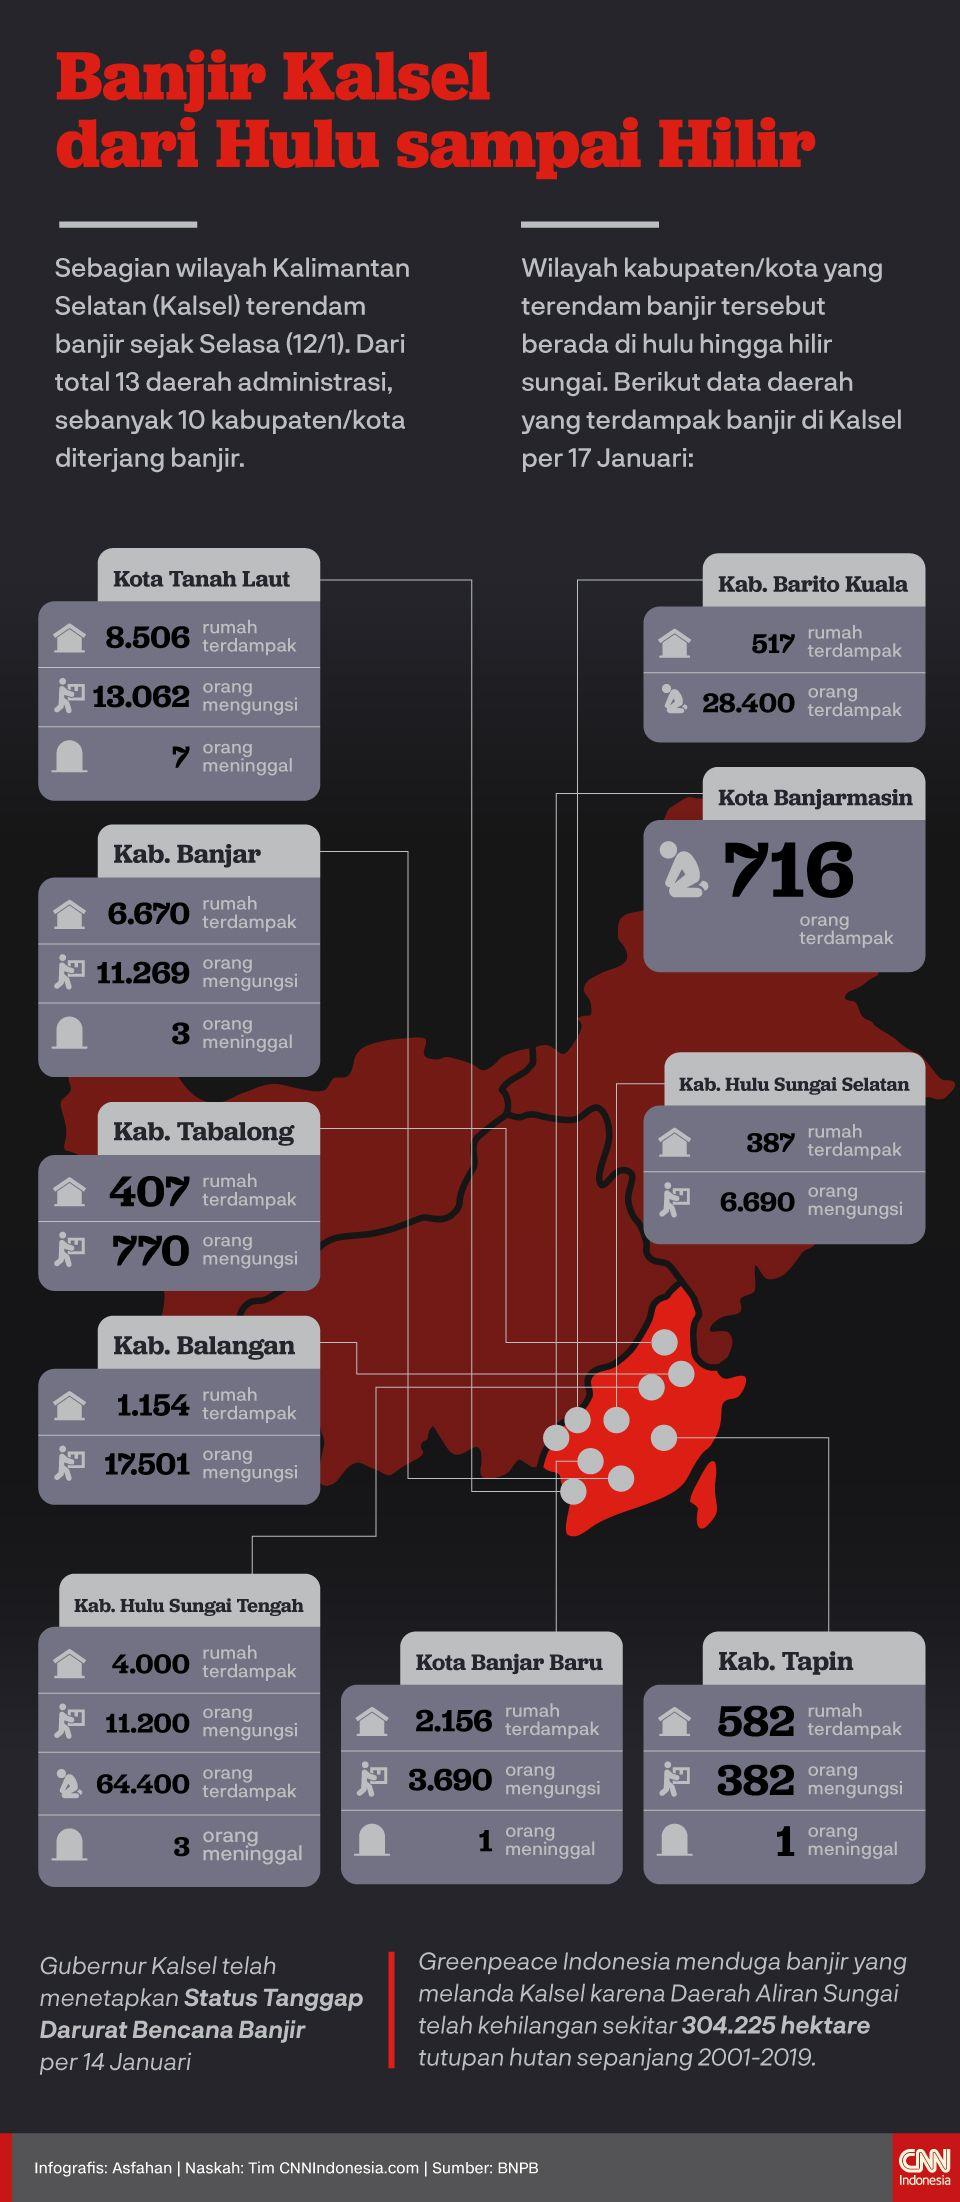 Infografis Banjir Kalsel dari Hulu sampai Hilir